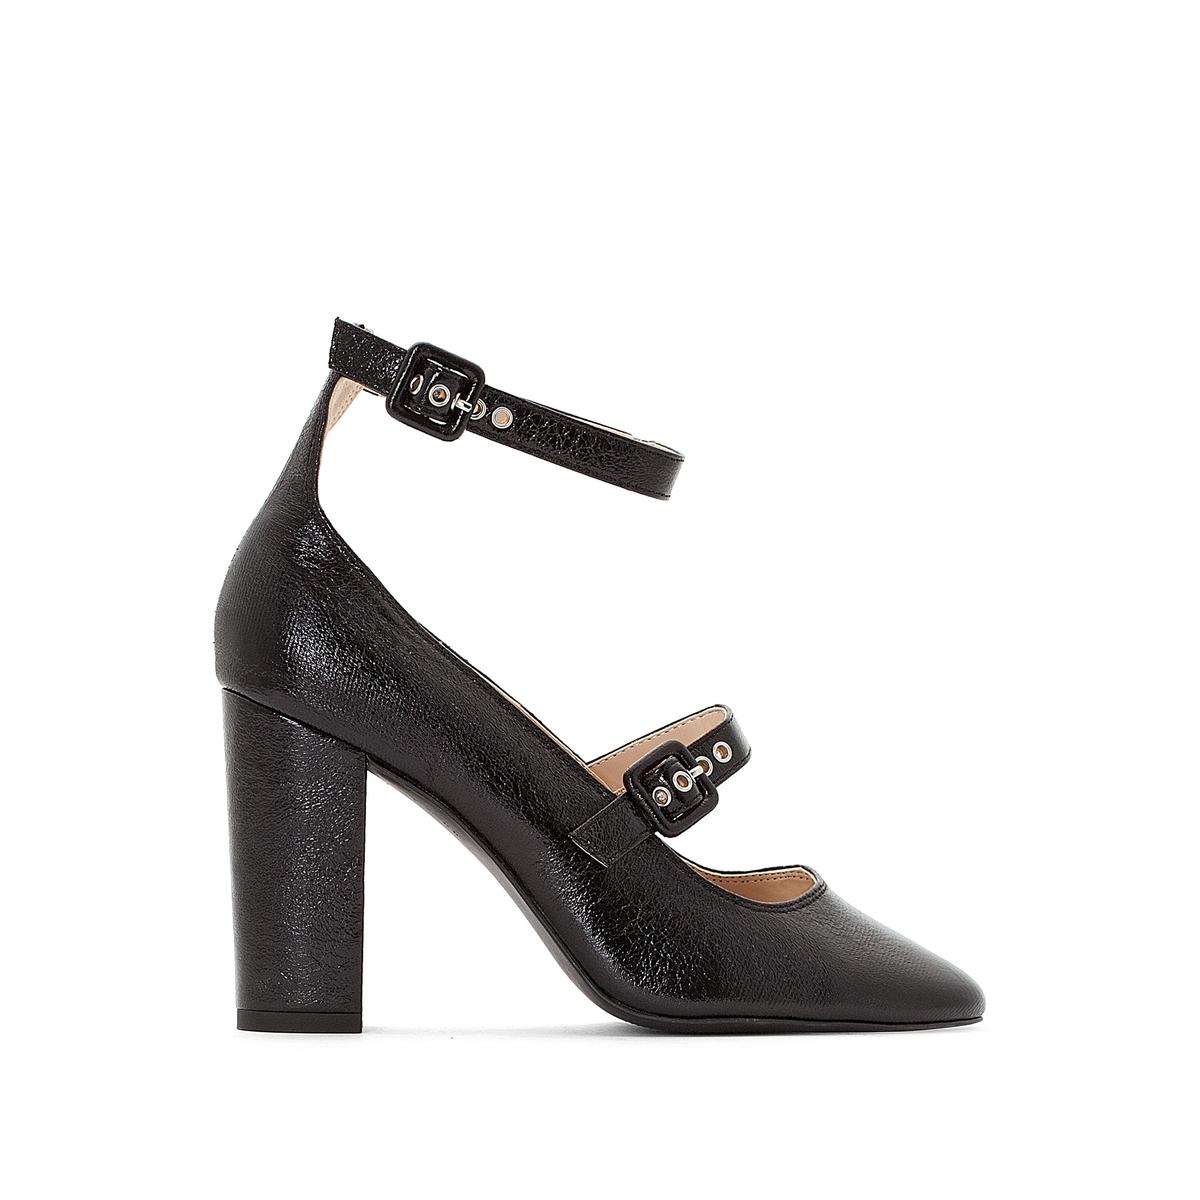 Туфли с пайетками и ремешком вокруг щиколотки на высоком каблуке цены онлайн